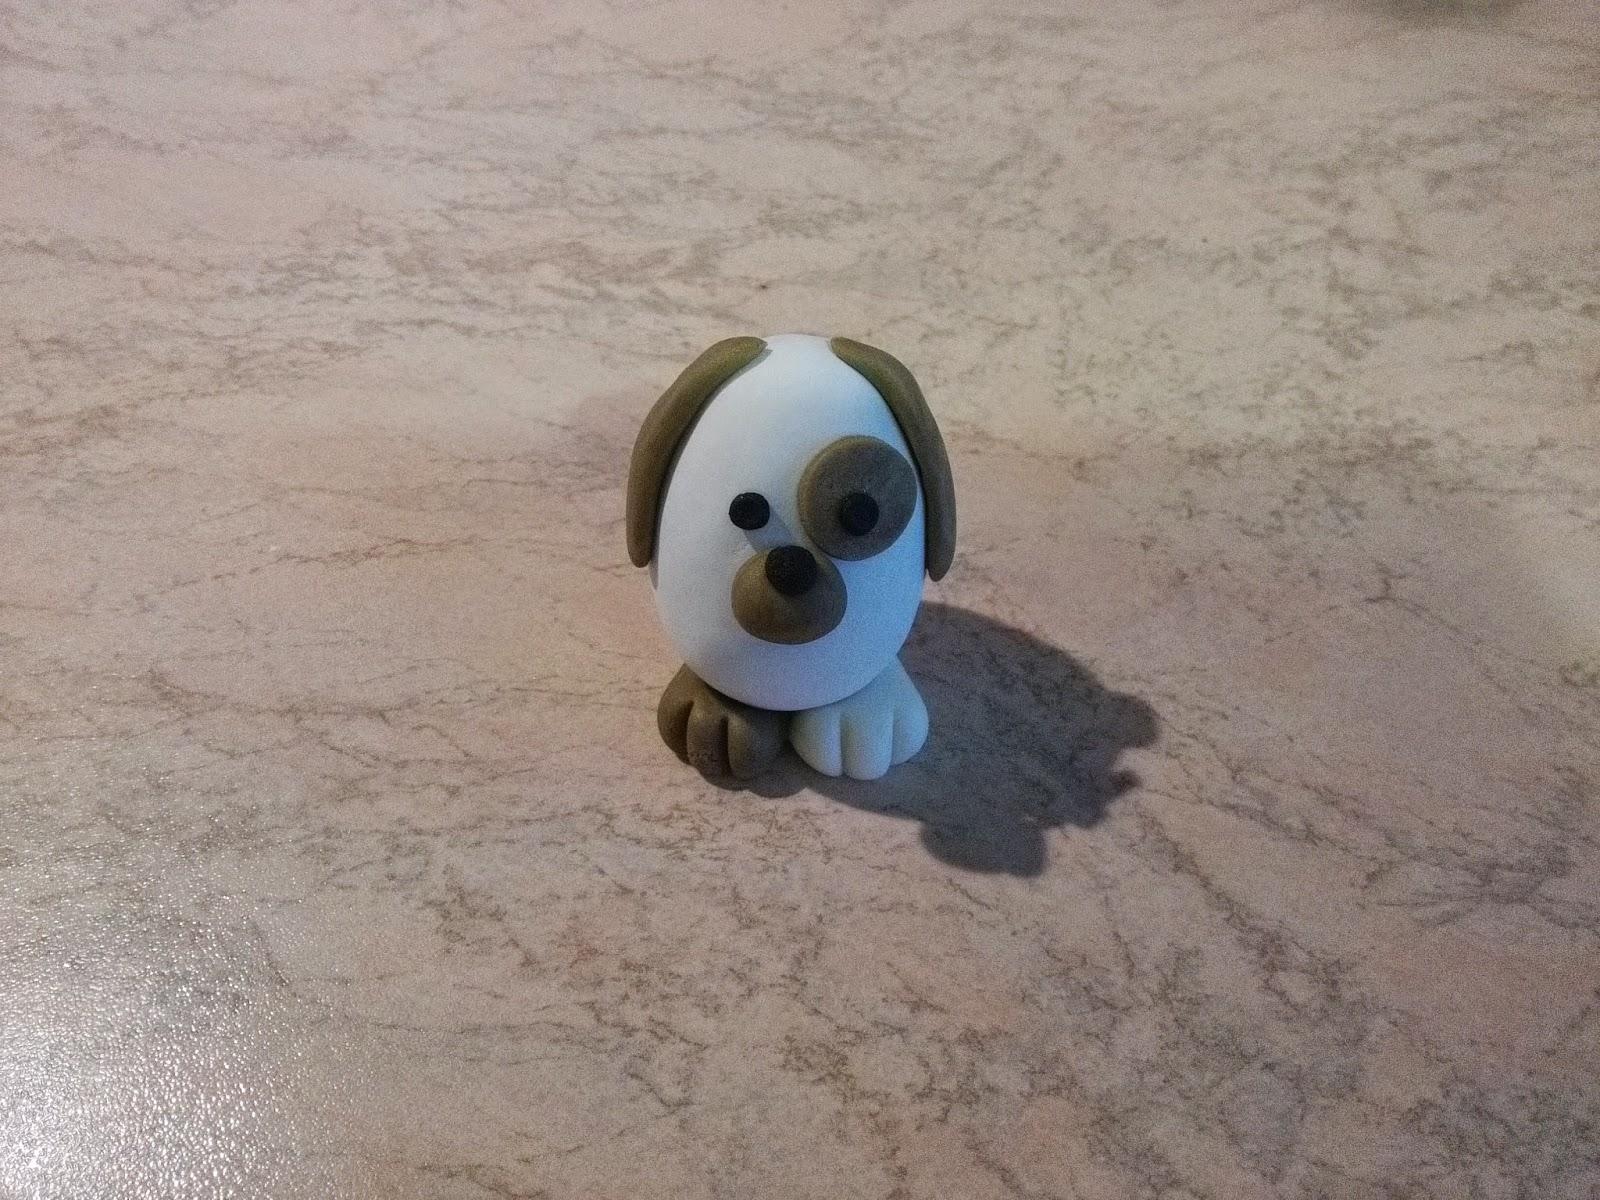 Undicesimo uovo: il cagnolino